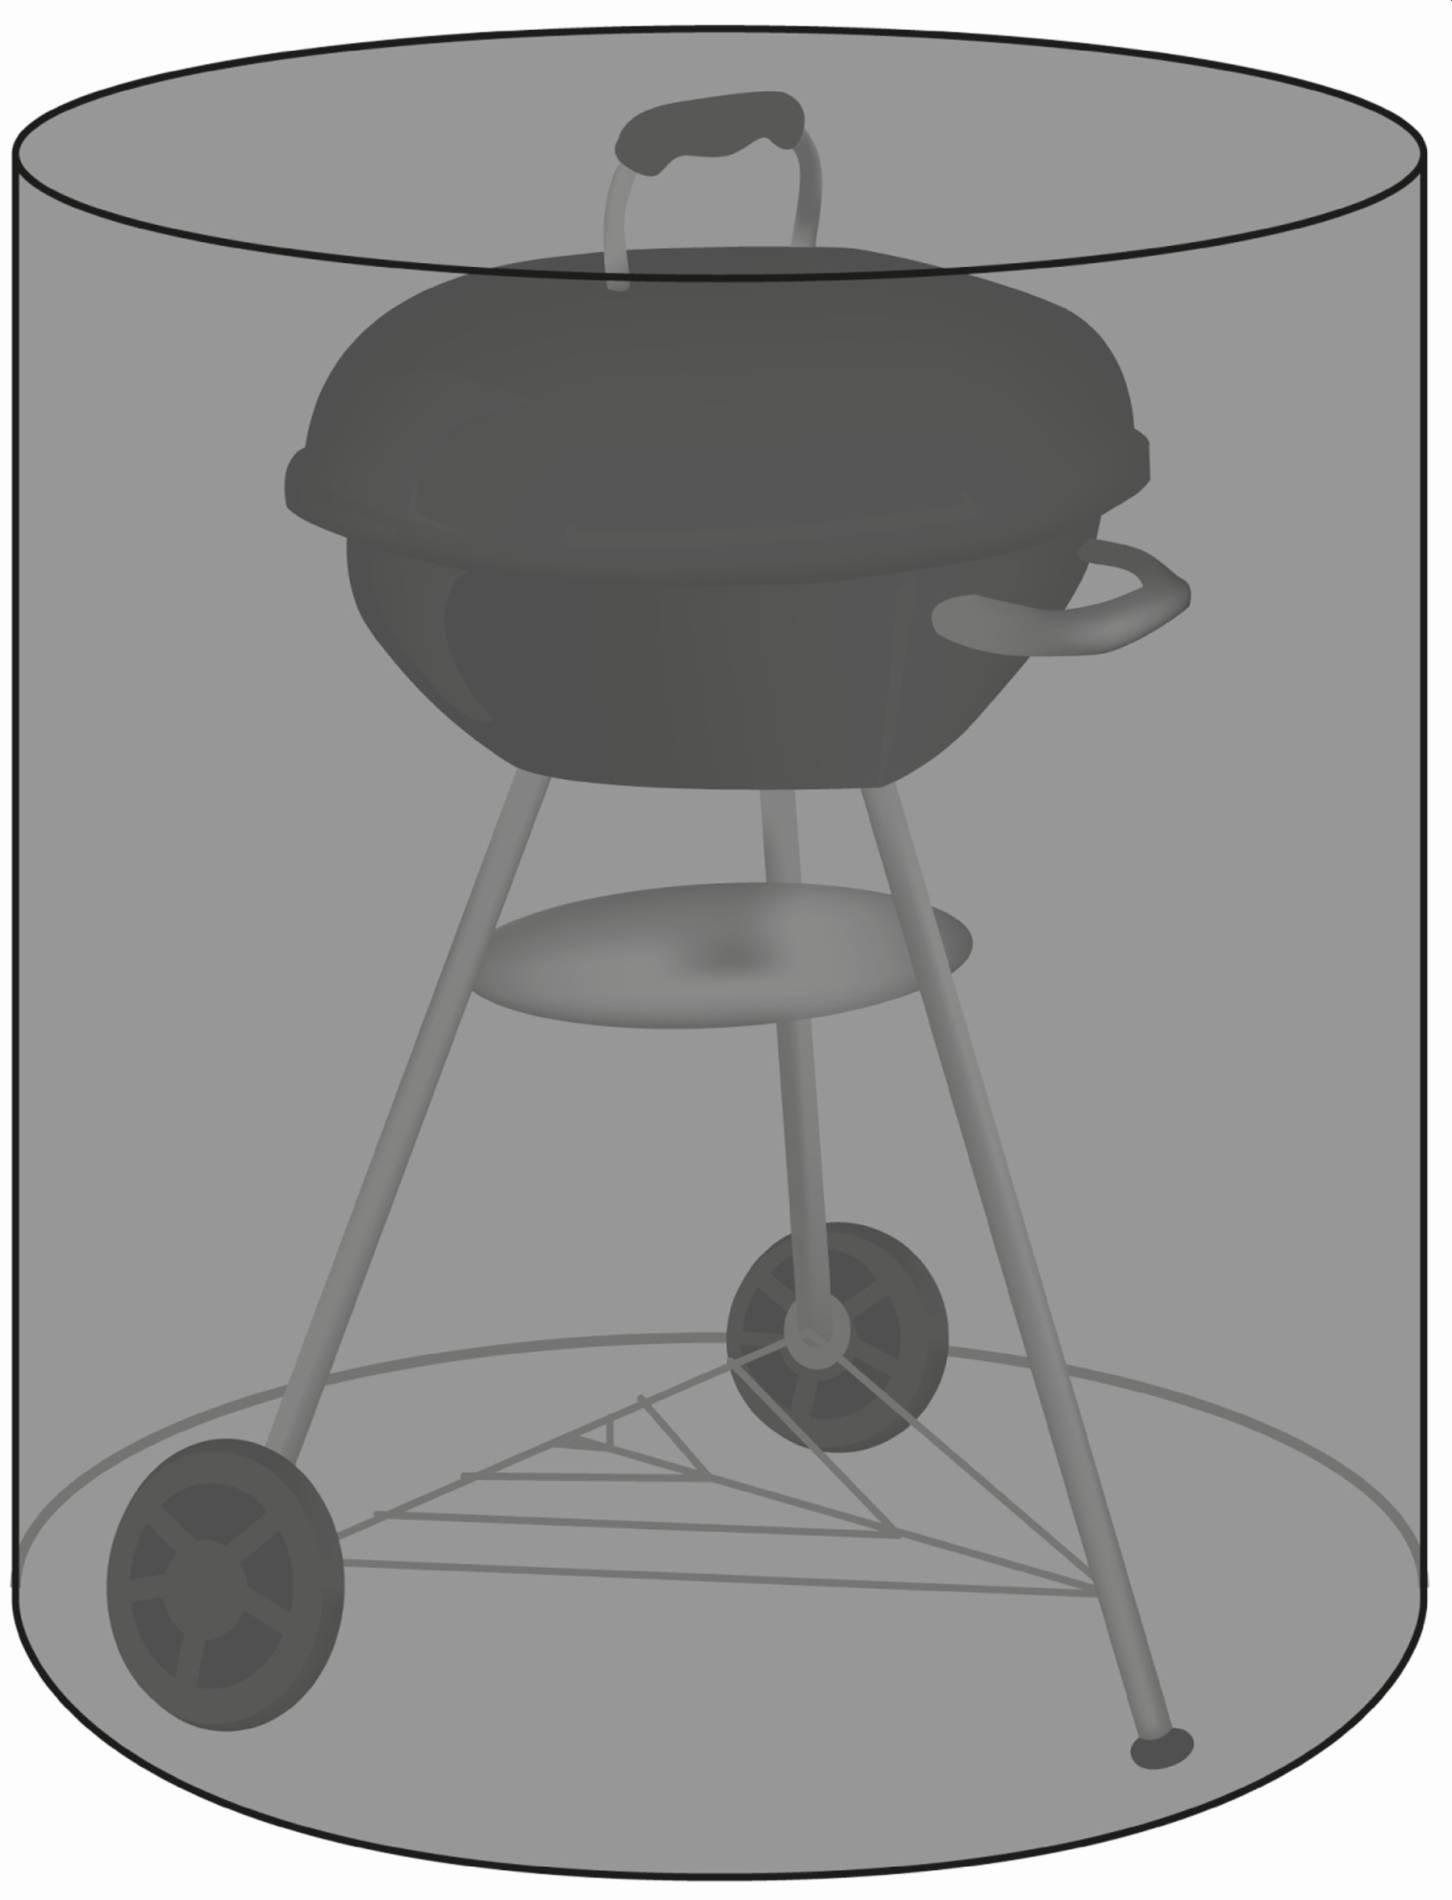 Schutzhülle für Kugelgrill 85 cm Durchmesser in schwarz von beo